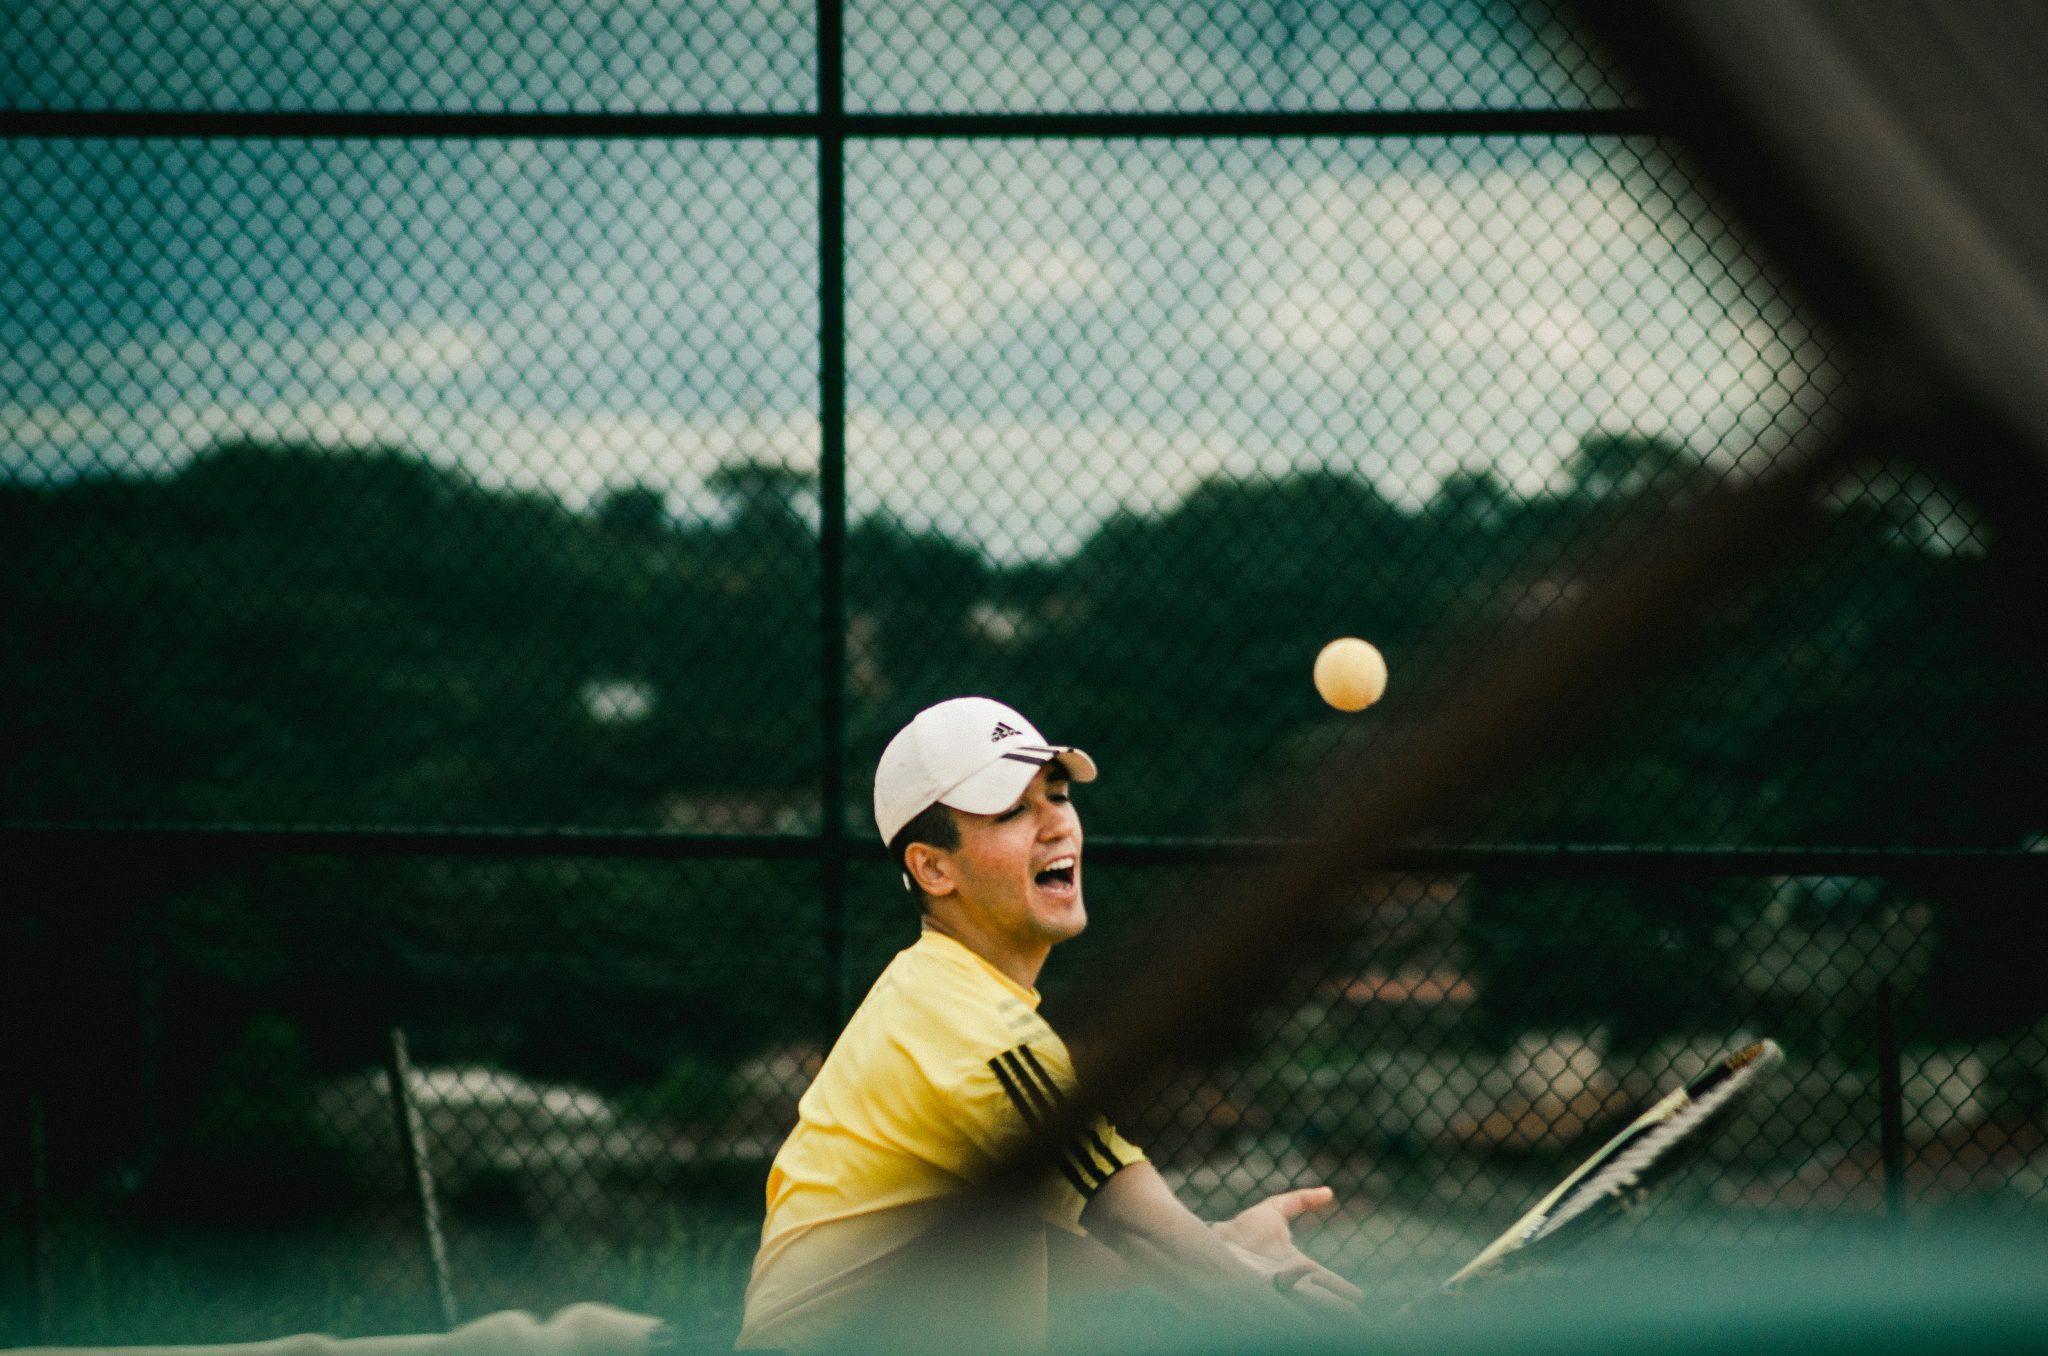 Alley Pond Sports Tennis Center